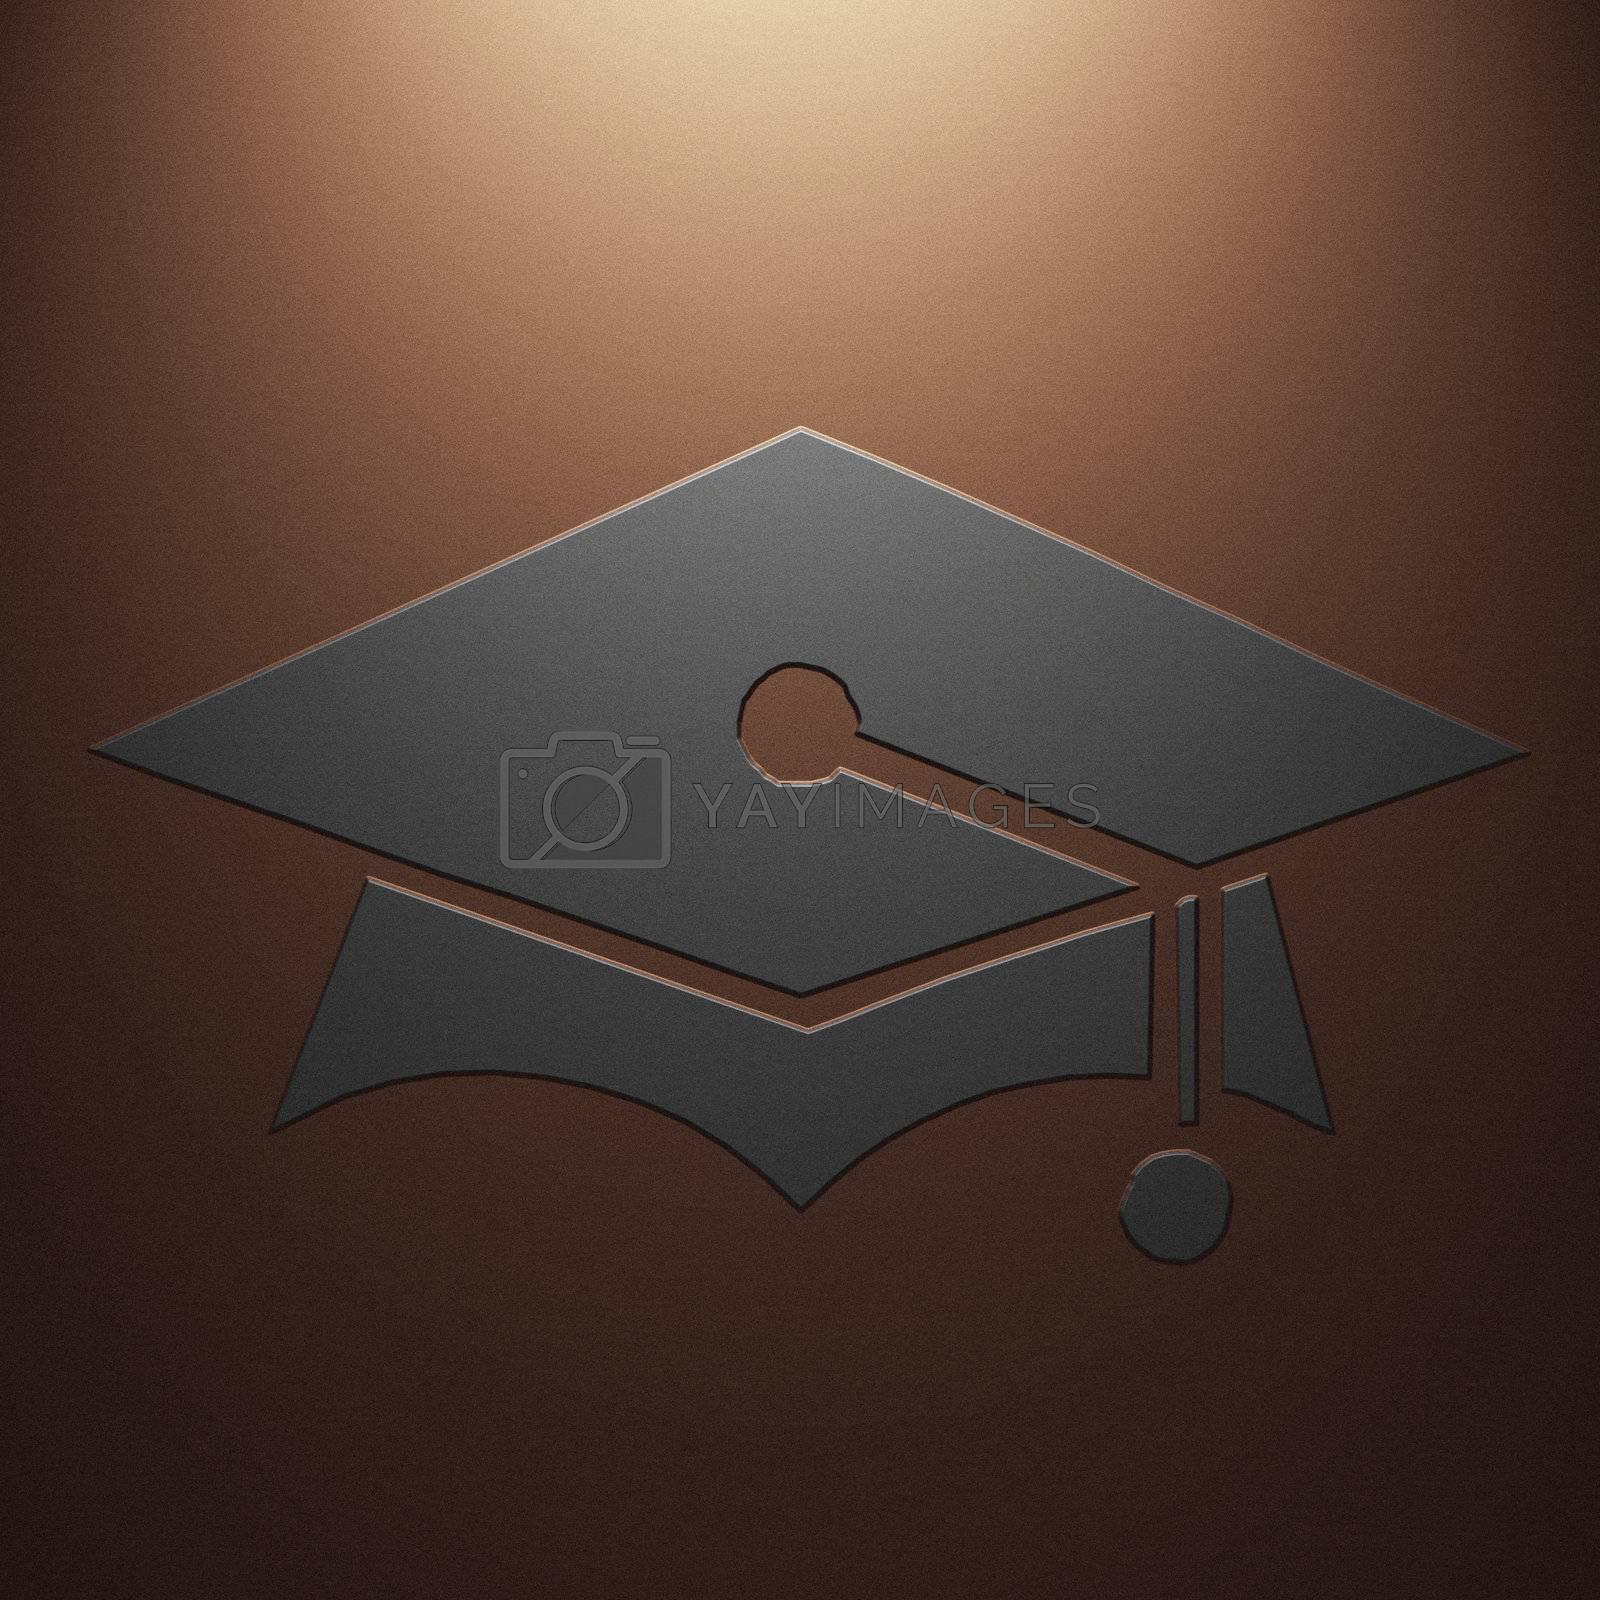 High resolution image symbol on a metal background. 3d illustration.